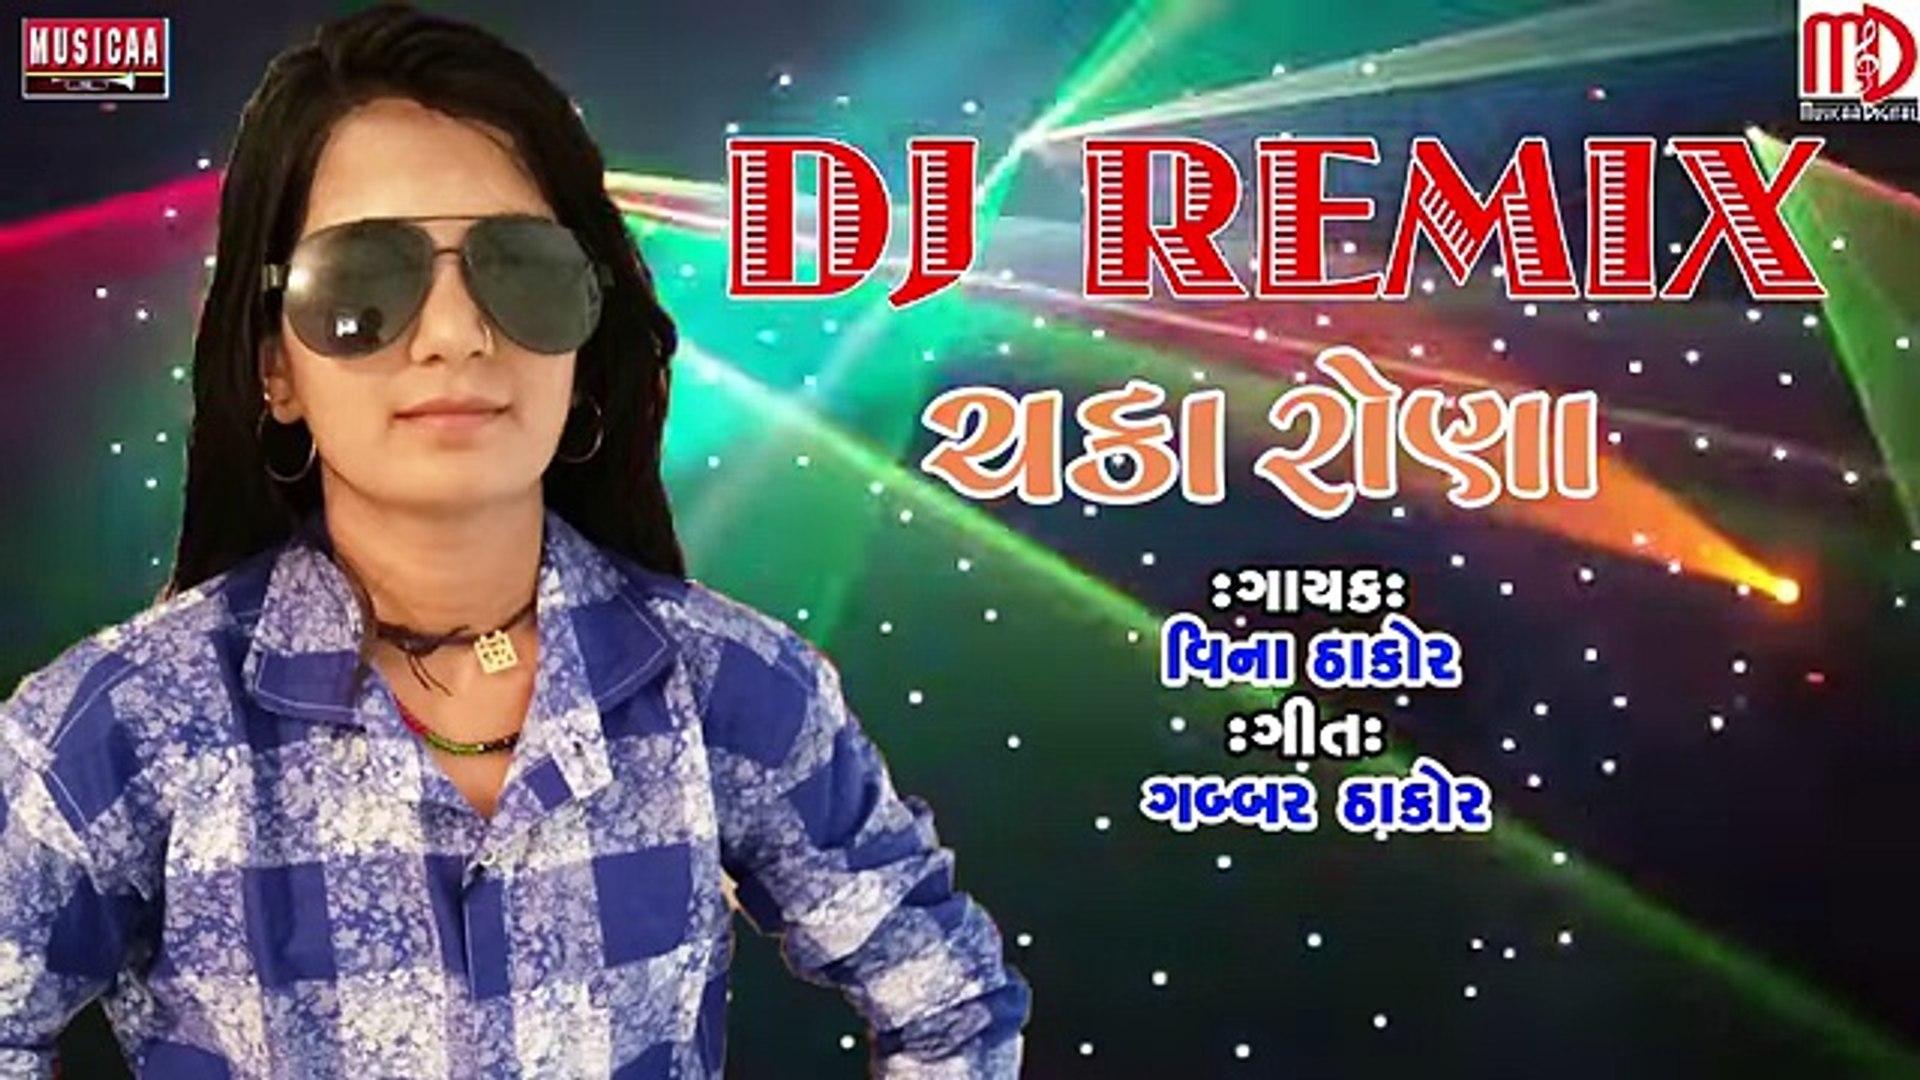 DJ Remix Chaka Rona - Gujarati DJ Remix New Song - Gabbar Thakor New Remix  - Vina Thakor